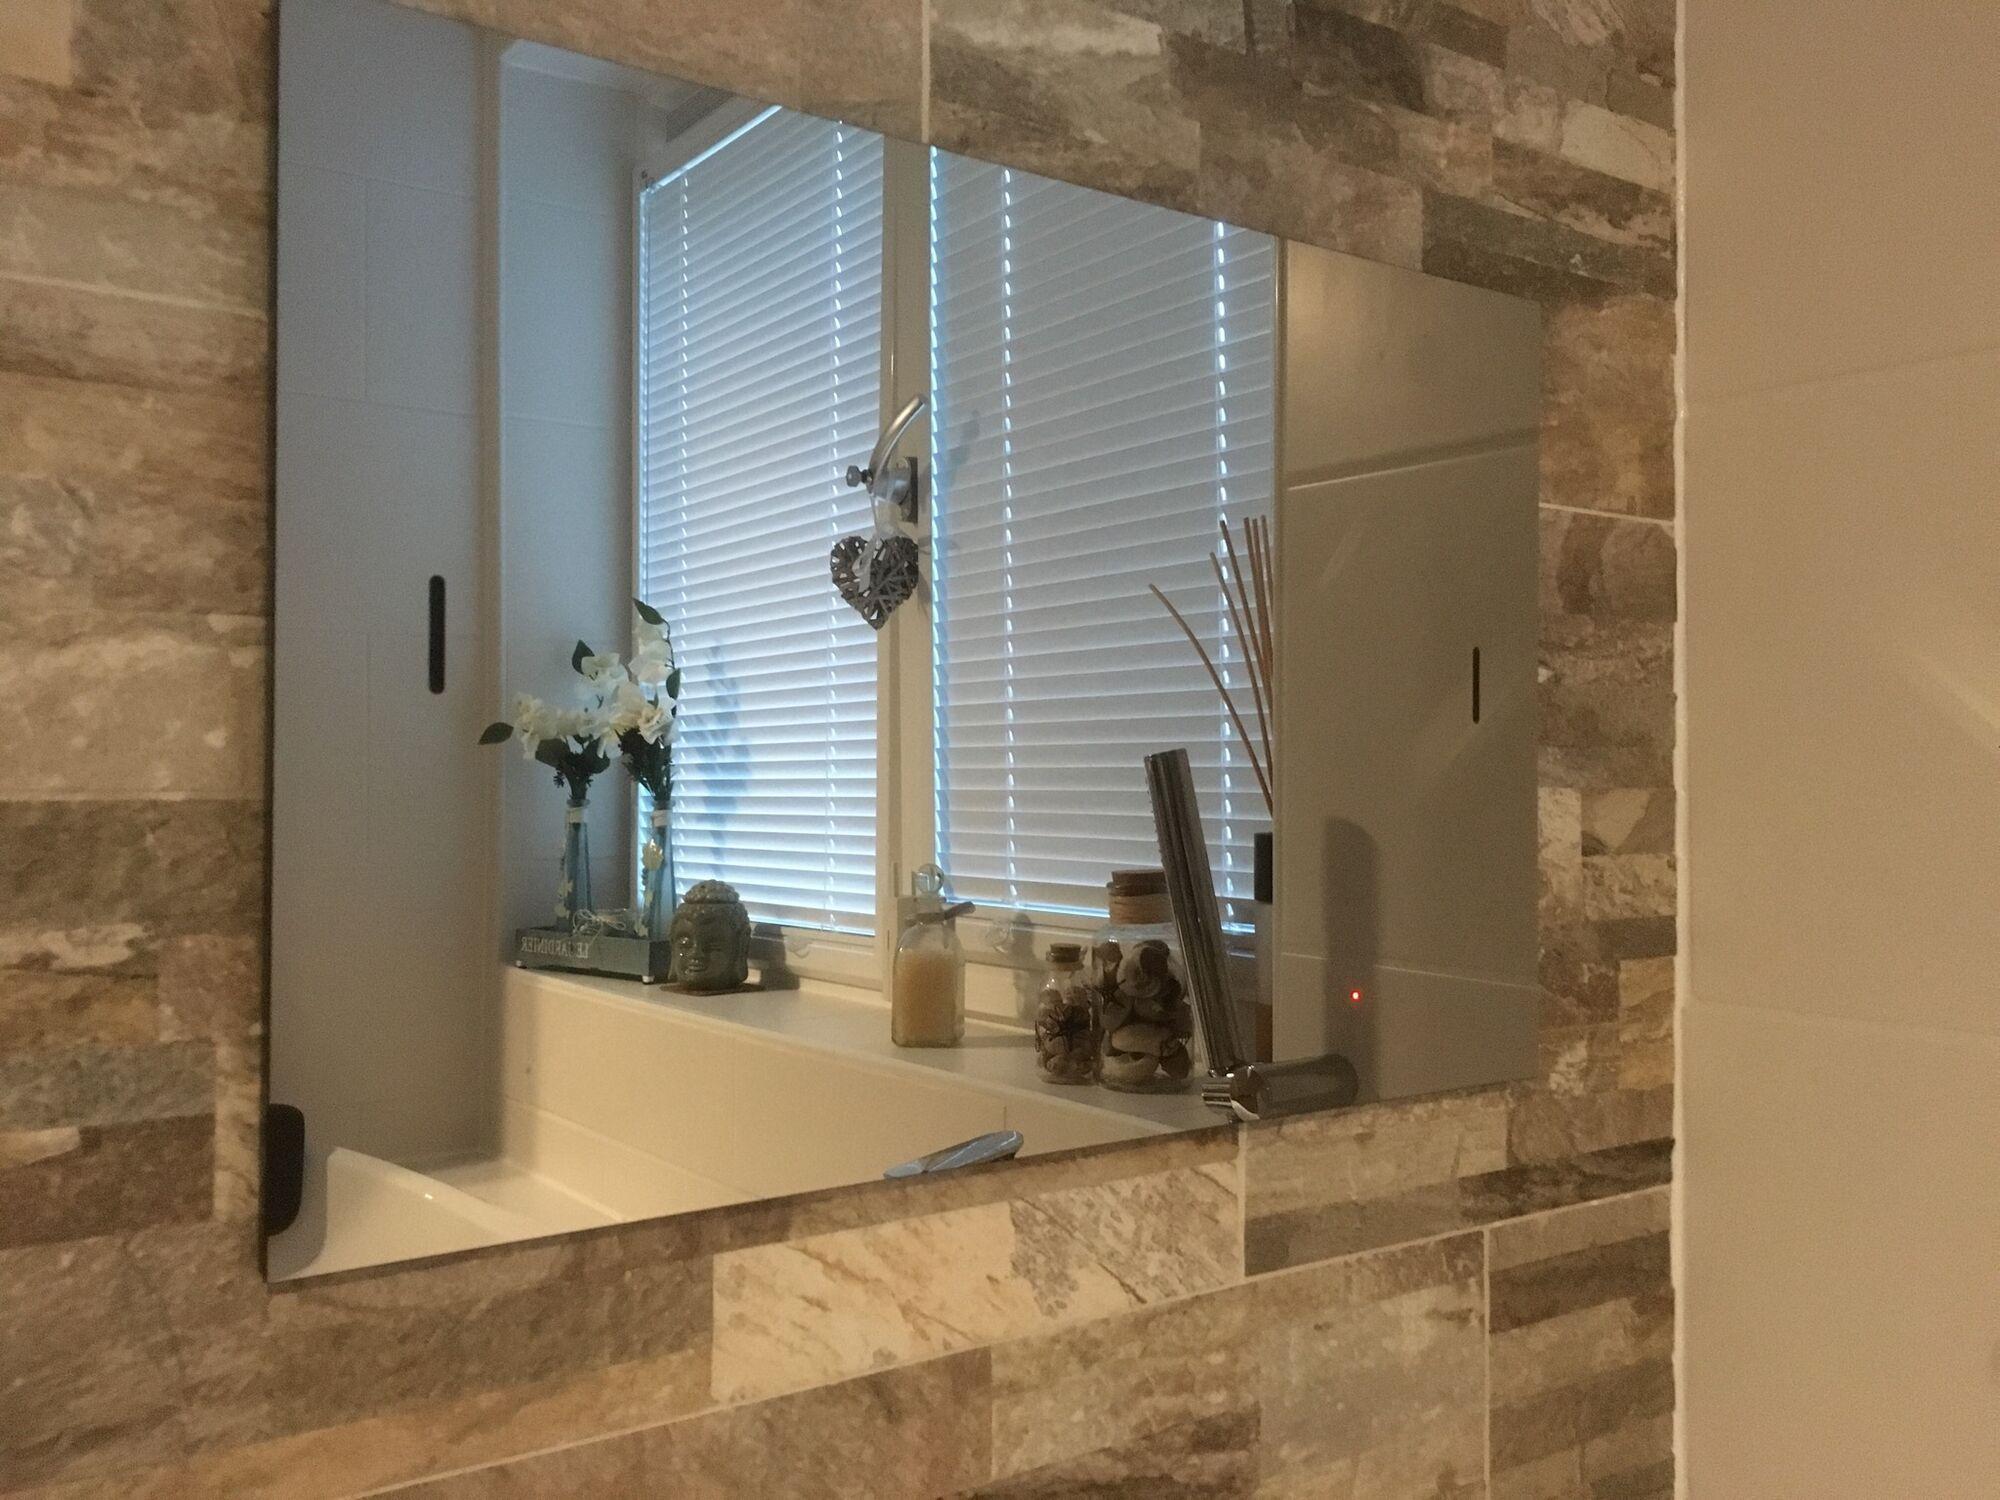 Spiegel inbouwtelevisies van splashvision voor badkamer en tuin spiegel inbouw tv 39 s van 15 t m - Spiegel tv badkamer ...